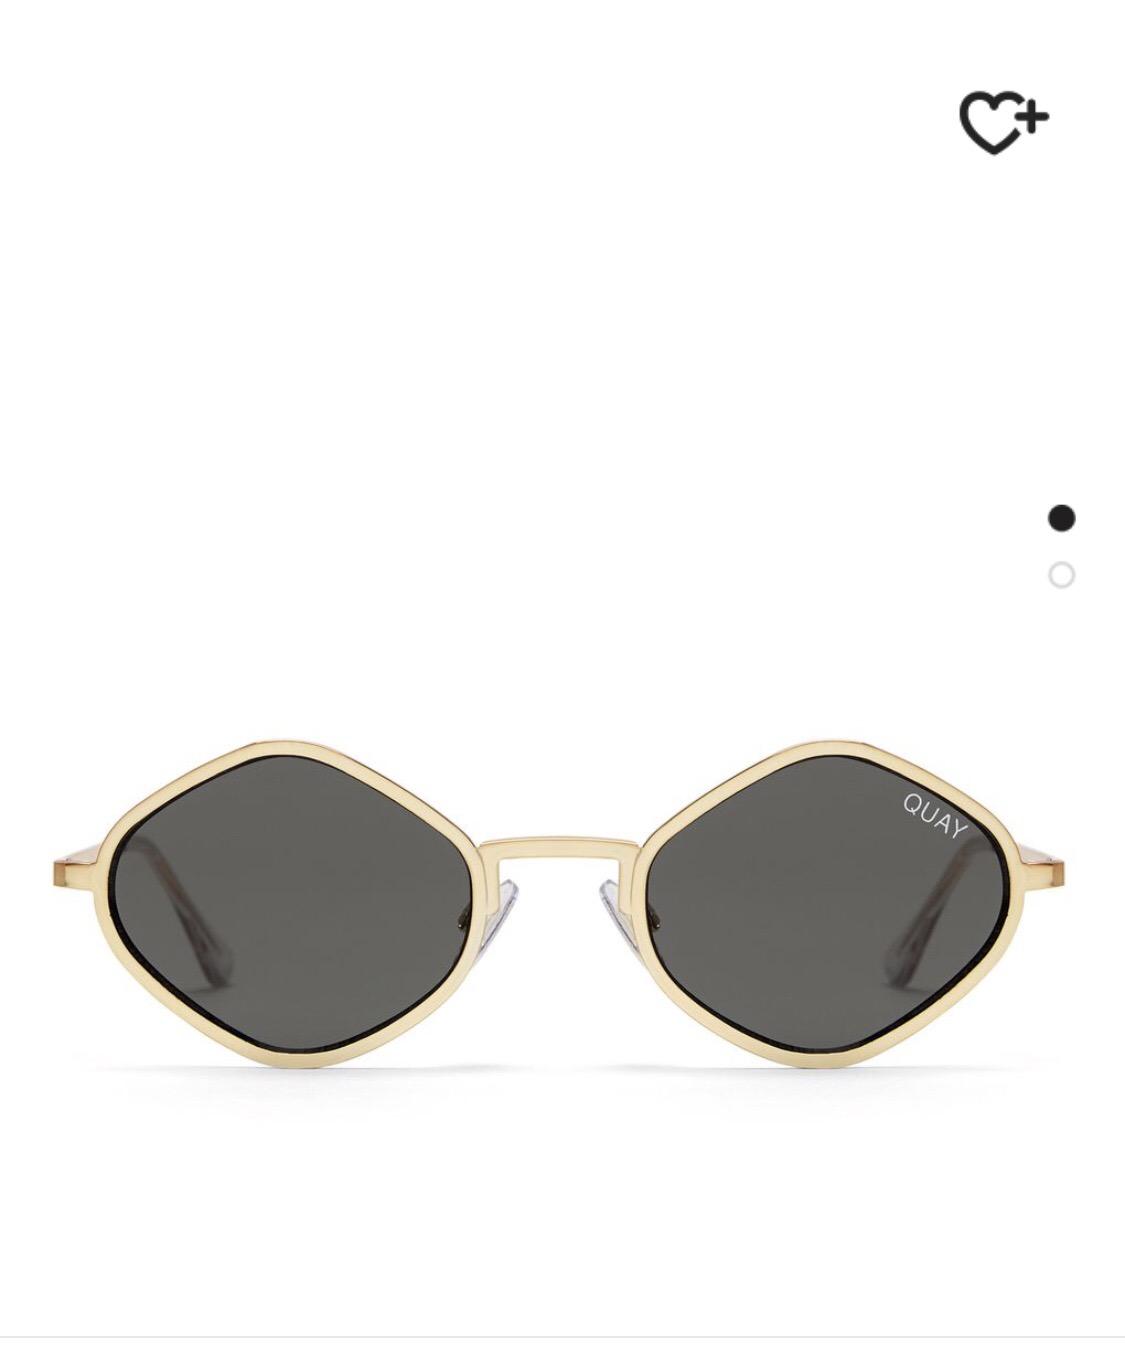 d6de56401f169 http   www.topshop.com en tsuk product purple-honey-sunglasses-by-quay-x-kylie-jenner-6832521